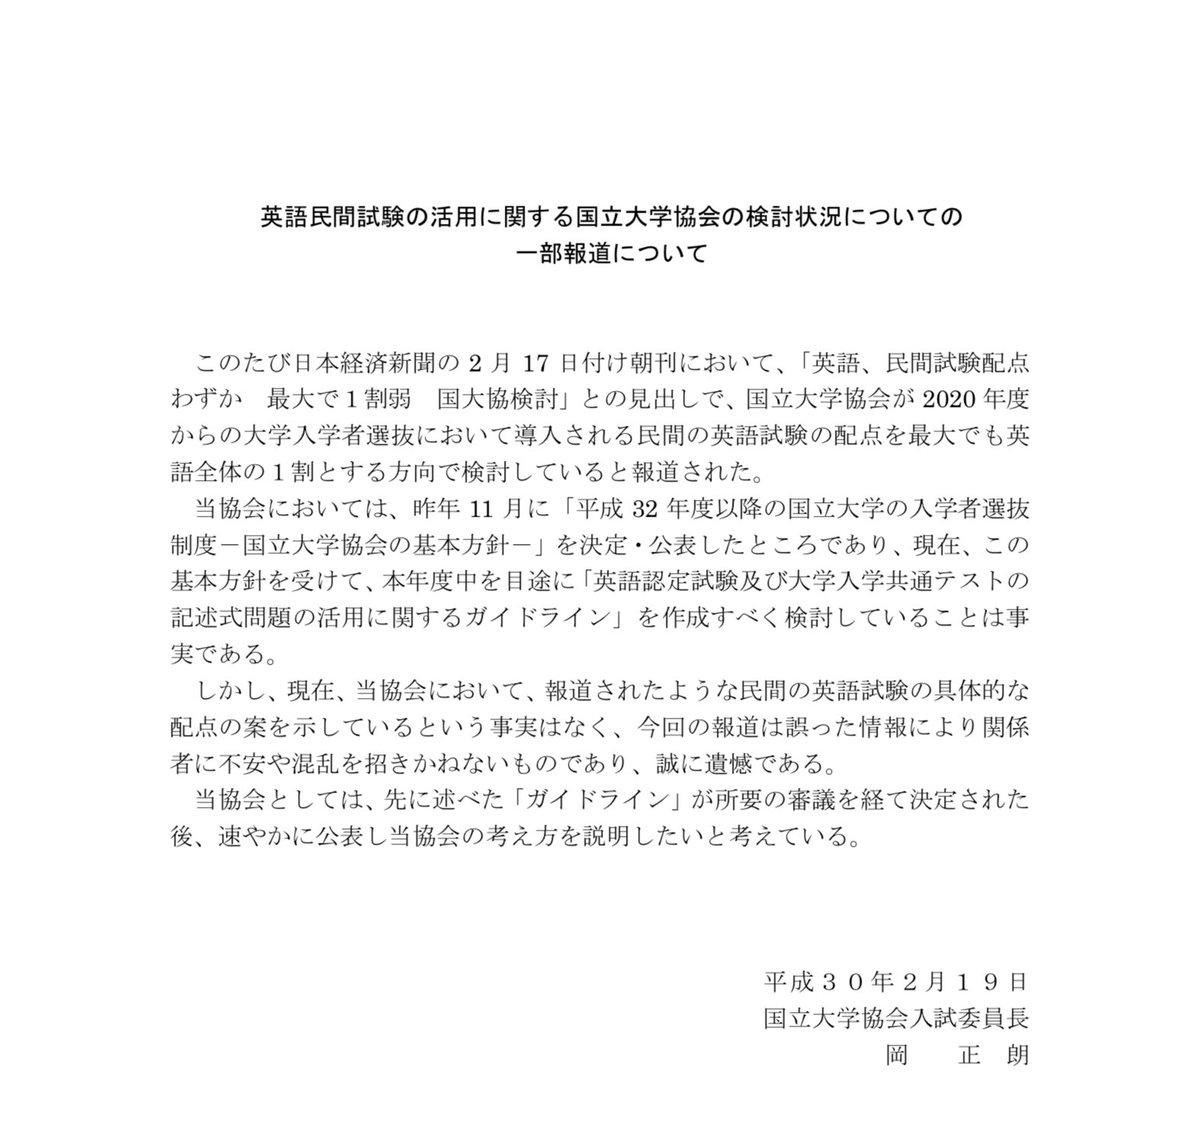 【日本経済新聞の誤報】 英語民間試験の活用に関する国立大学協会の検討状況についての一部報道について